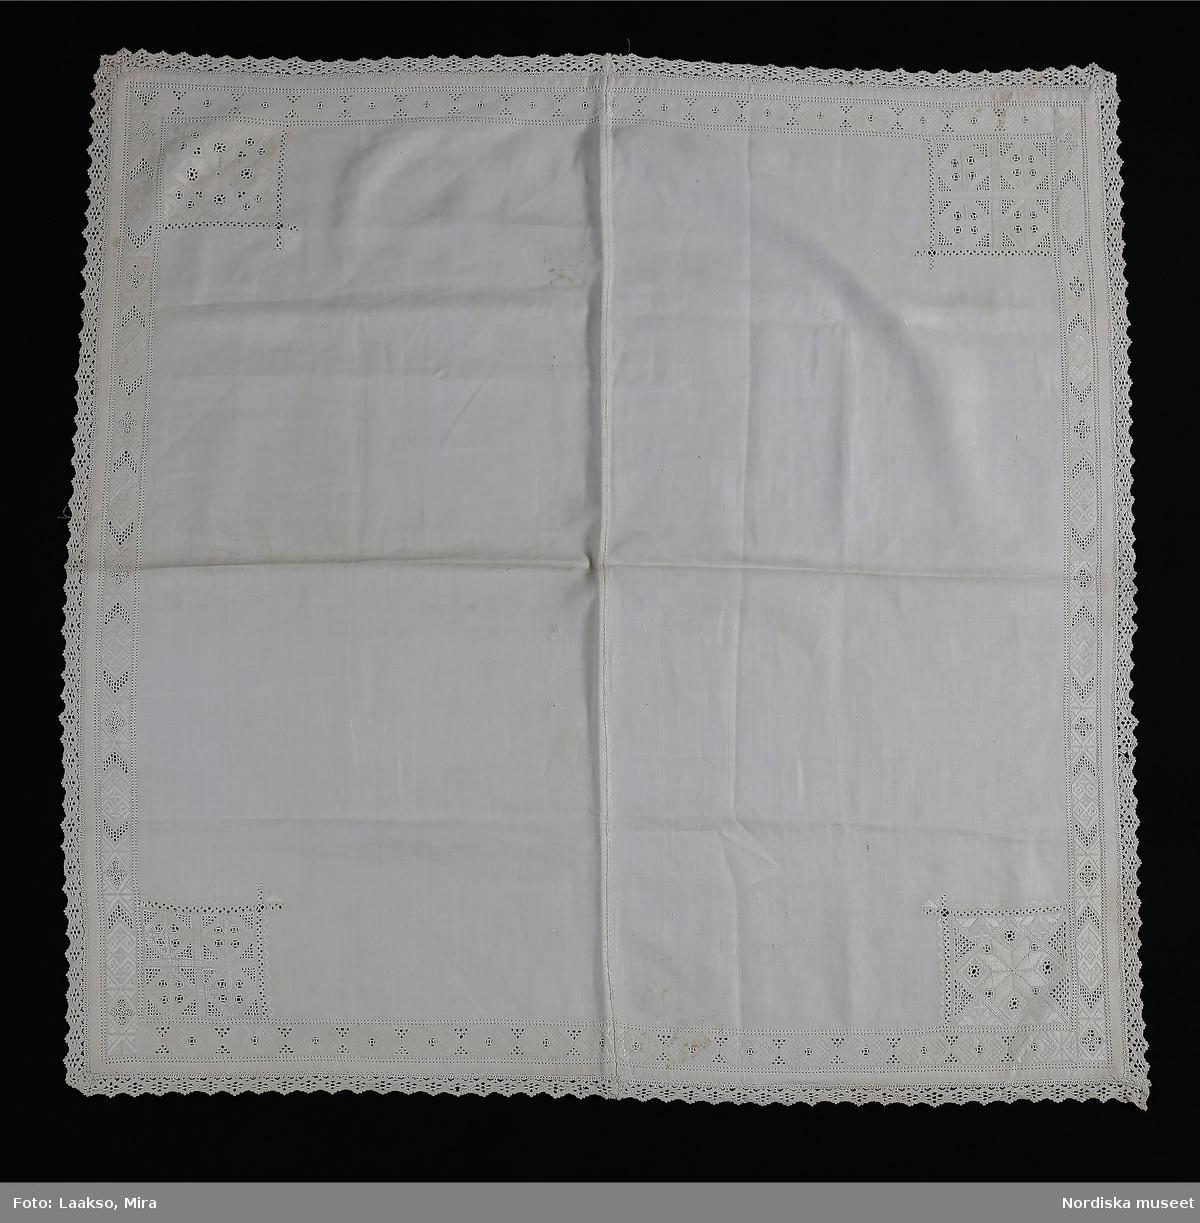 Kvadratiskt kläde av handvävd vit linnelärft, hopsytt av 2 delar. 1 cm bred fåll sydd med 2 rader enkel utdragssöm s.k. tandrad, 2,5 cm bred kantbård broderad i rätlinjig plattsöm och utskuren söm, i varje hörn ett kvadratiskt broderi 9,5 x 9,5 cm med samma typ av broderi, olika mönster i varje hörn. Klädet kantat med 1,5 cm bred knypplad uddspets av ålderdomlig flätslagstyp. I vaje hörn på avigsidan en liten tränsad trådhank som har varit fäste för en hängande hörnprydnad, oftast en broderad lapp med spetskant. Anm. Mittsömmen är sekundär, har från början varit ett helt stycke. Denna typ av linnekläde från Värendsområdet hör till samma dräktområde som Skåne och Blekinge där liknande kläden använts till högtidsdräkten som handkläde och vid kyrkbesök som bokkläde kring psalmbokem. Vid stora kalas har det även kunnat användas som förningsduk kring medförda varor.  Vid begravningar har det även kunnat bäras som huvudduk. /Berit Eldvik 2010-06-23